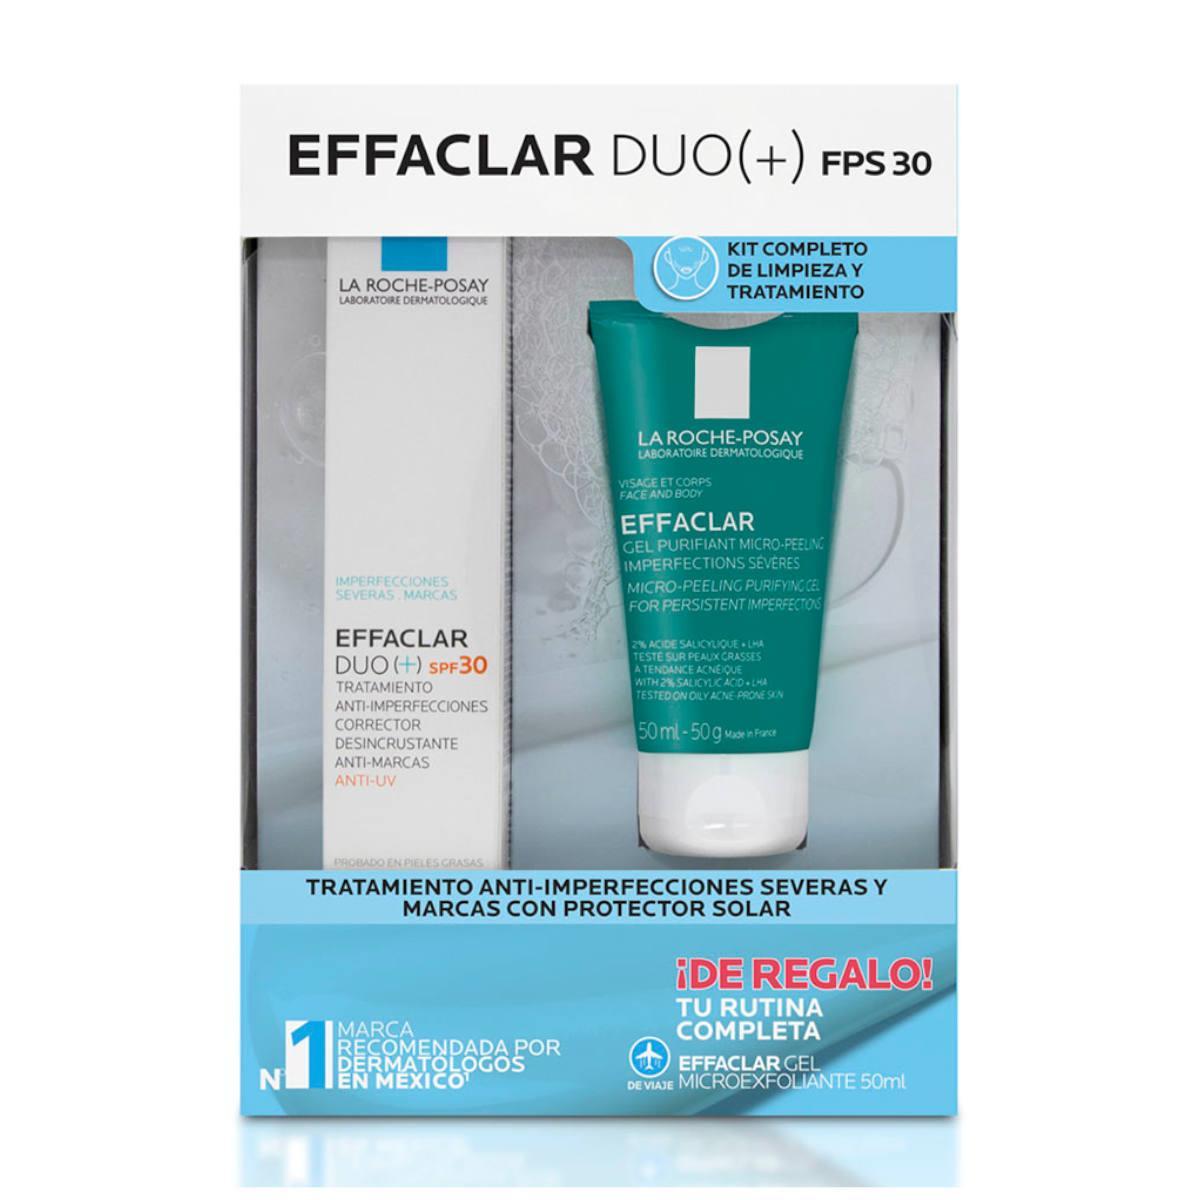 Pack Effaclar Duo(+) Fps 40Ml + De Regalo Formato De Viaje 50M